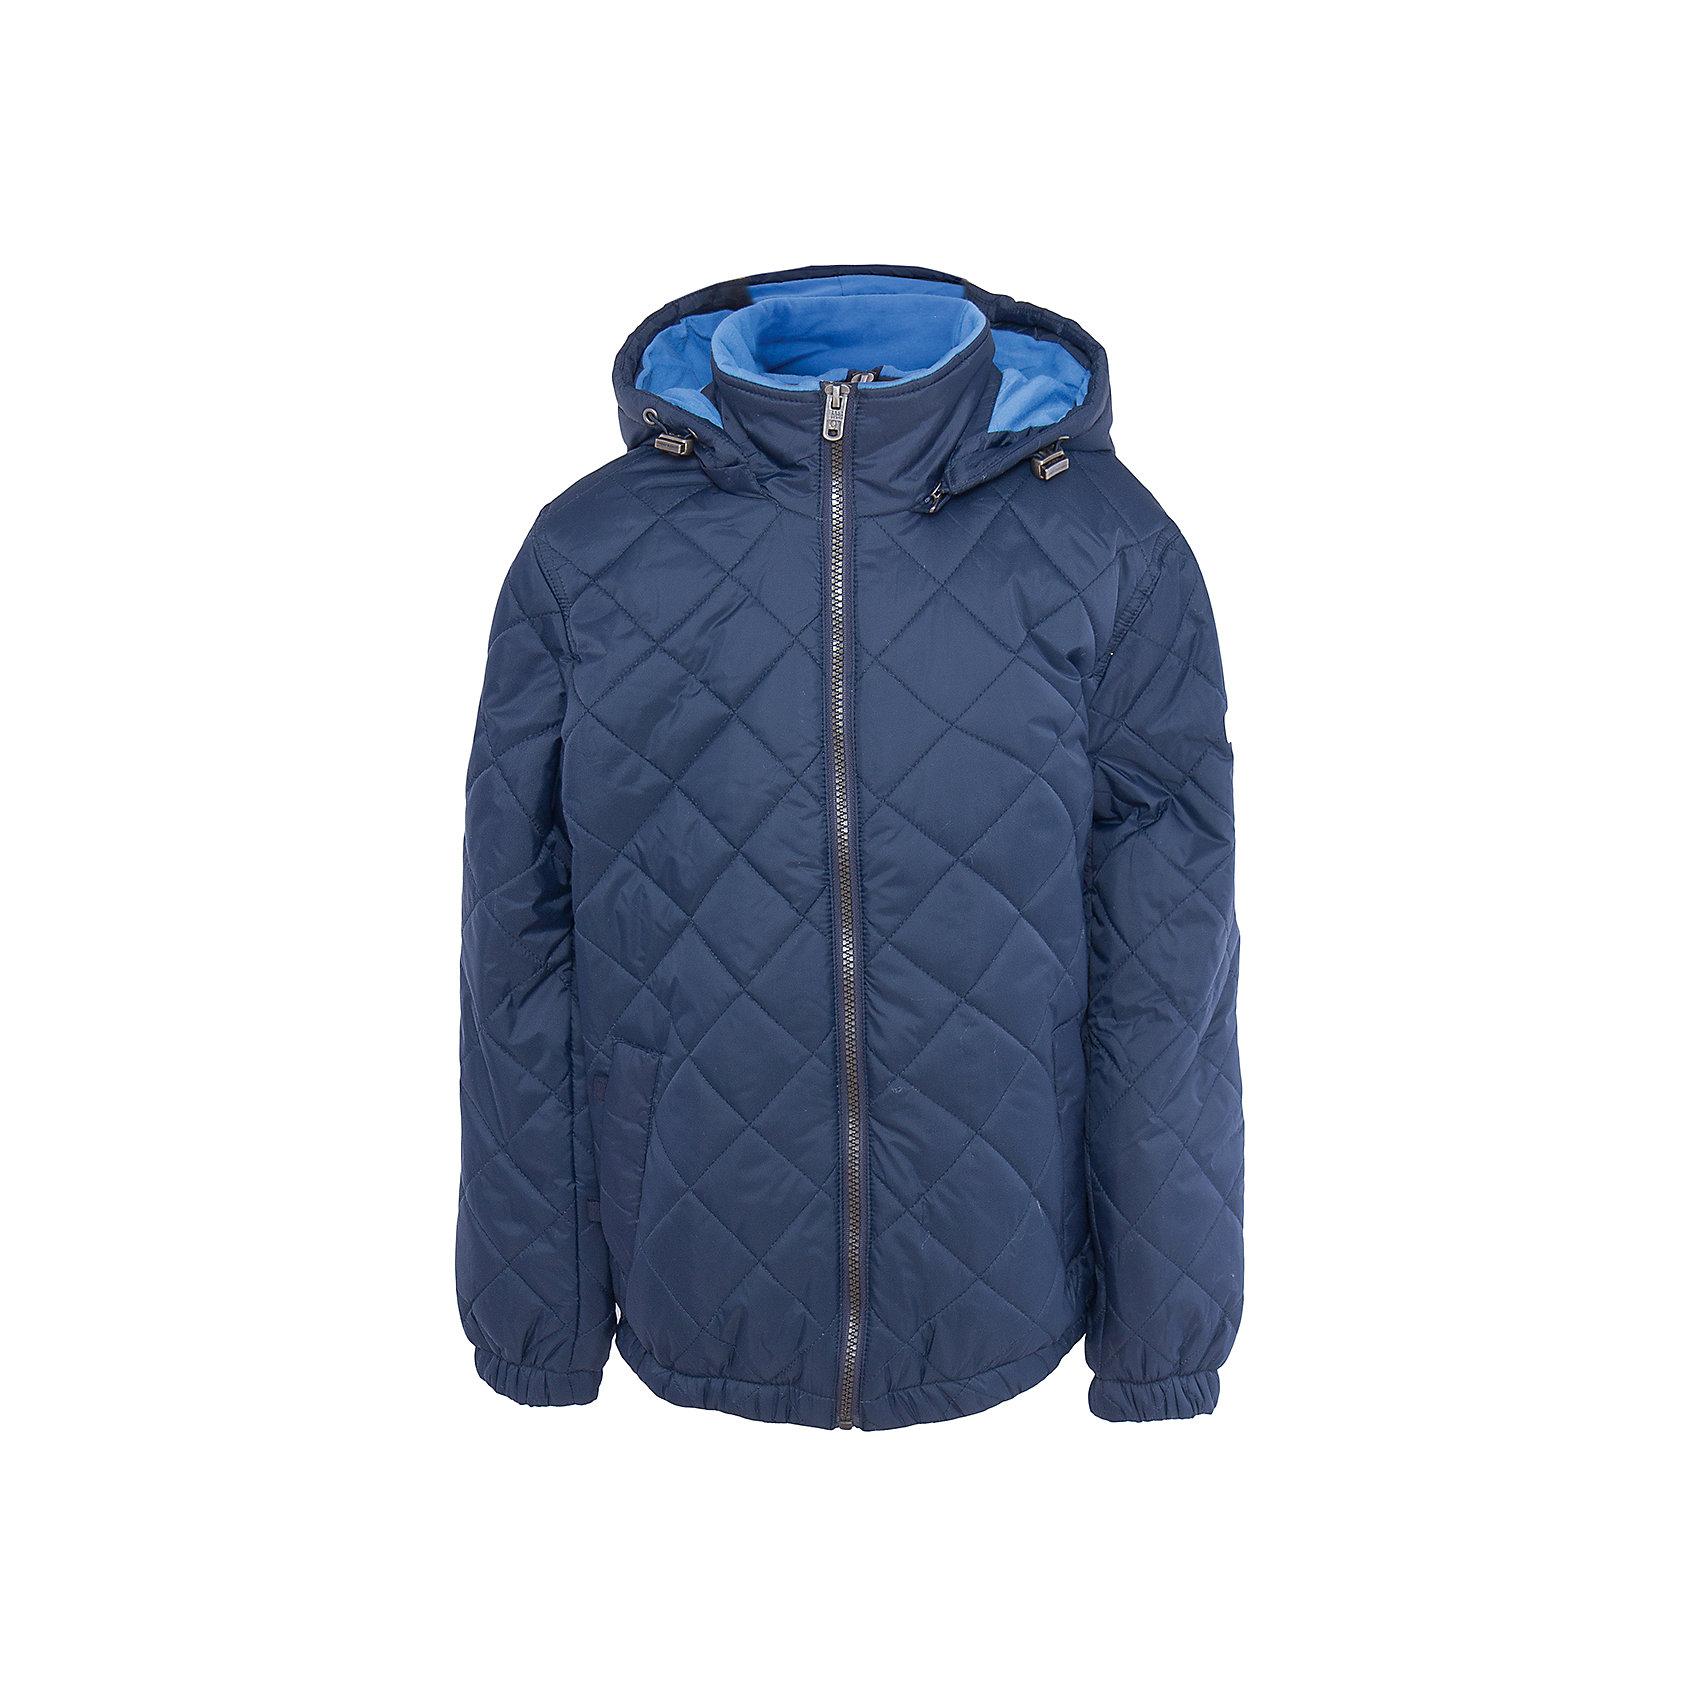 Куртка для мальчика SELAВерхняя одежда<br>Характеристики товара:<br><br>• цвет: тёмно-синий<br>• состав: 100% нейлон<br>• температурный режим: от +5°до +15°С<br>• подкладка: 100% хлопок<br>• утеплитель: 100% полиэстер<br>• демисезон<br>• воротник-стойка<br>• молния<br>• стеганая<br>• капюшон с кулиской<br>• капюшон съёмный<br>• два кармана на кнопках<br>• коллекция весна-лето 2017<br>• страна бренда: Российская Федерация<br>• страна производитель: Китай<br><br>Вещи из новой коллекции SELA продолжают радовать удобством! Легкая куртка для мальчика поможет разнообразить гардероб ребенка и обеспечить комфорт. Она отлично сочетается с джинсами и брюками. Очень стильно смотрится!<br><br>Одежда, обувь и аксессуары от российского бренда SELA не зря пользуются большой популярностью у детей и взрослых! Модели этой марки - стильные и удобные, цена при этом неизменно остается доступной. Для их производства используются только безопасные, качественные материалы и фурнитура. Новая коллекция поддерживает хорошие традиции бренда! <br><br>Куртку для мальчика от популярного бренда SELA (СЕЛА) можно купить в нашем интернет-магазине.<br><br>Ширина мм: 356<br>Глубина мм: 10<br>Высота мм: 245<br>Вес г: 519<br>Цвет: синий<br>Возраст от месяцев: 84<br>Возраст до месяцев: 96<br>Пол: Мужской<br>Возраст: Детский<br>Размер: 128,140,152,116<br>SKU: 5305143